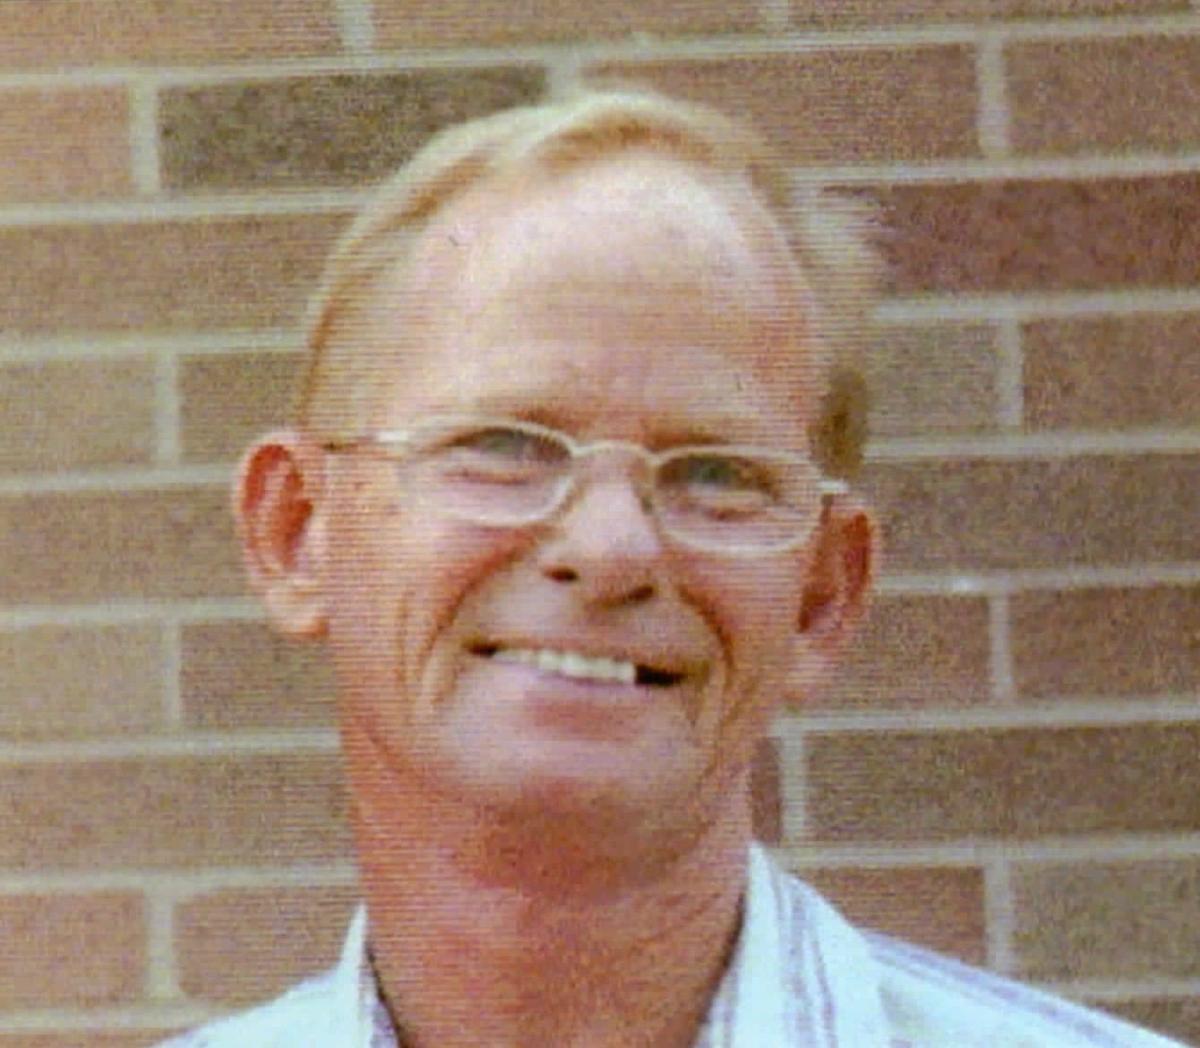 Michael Prokop